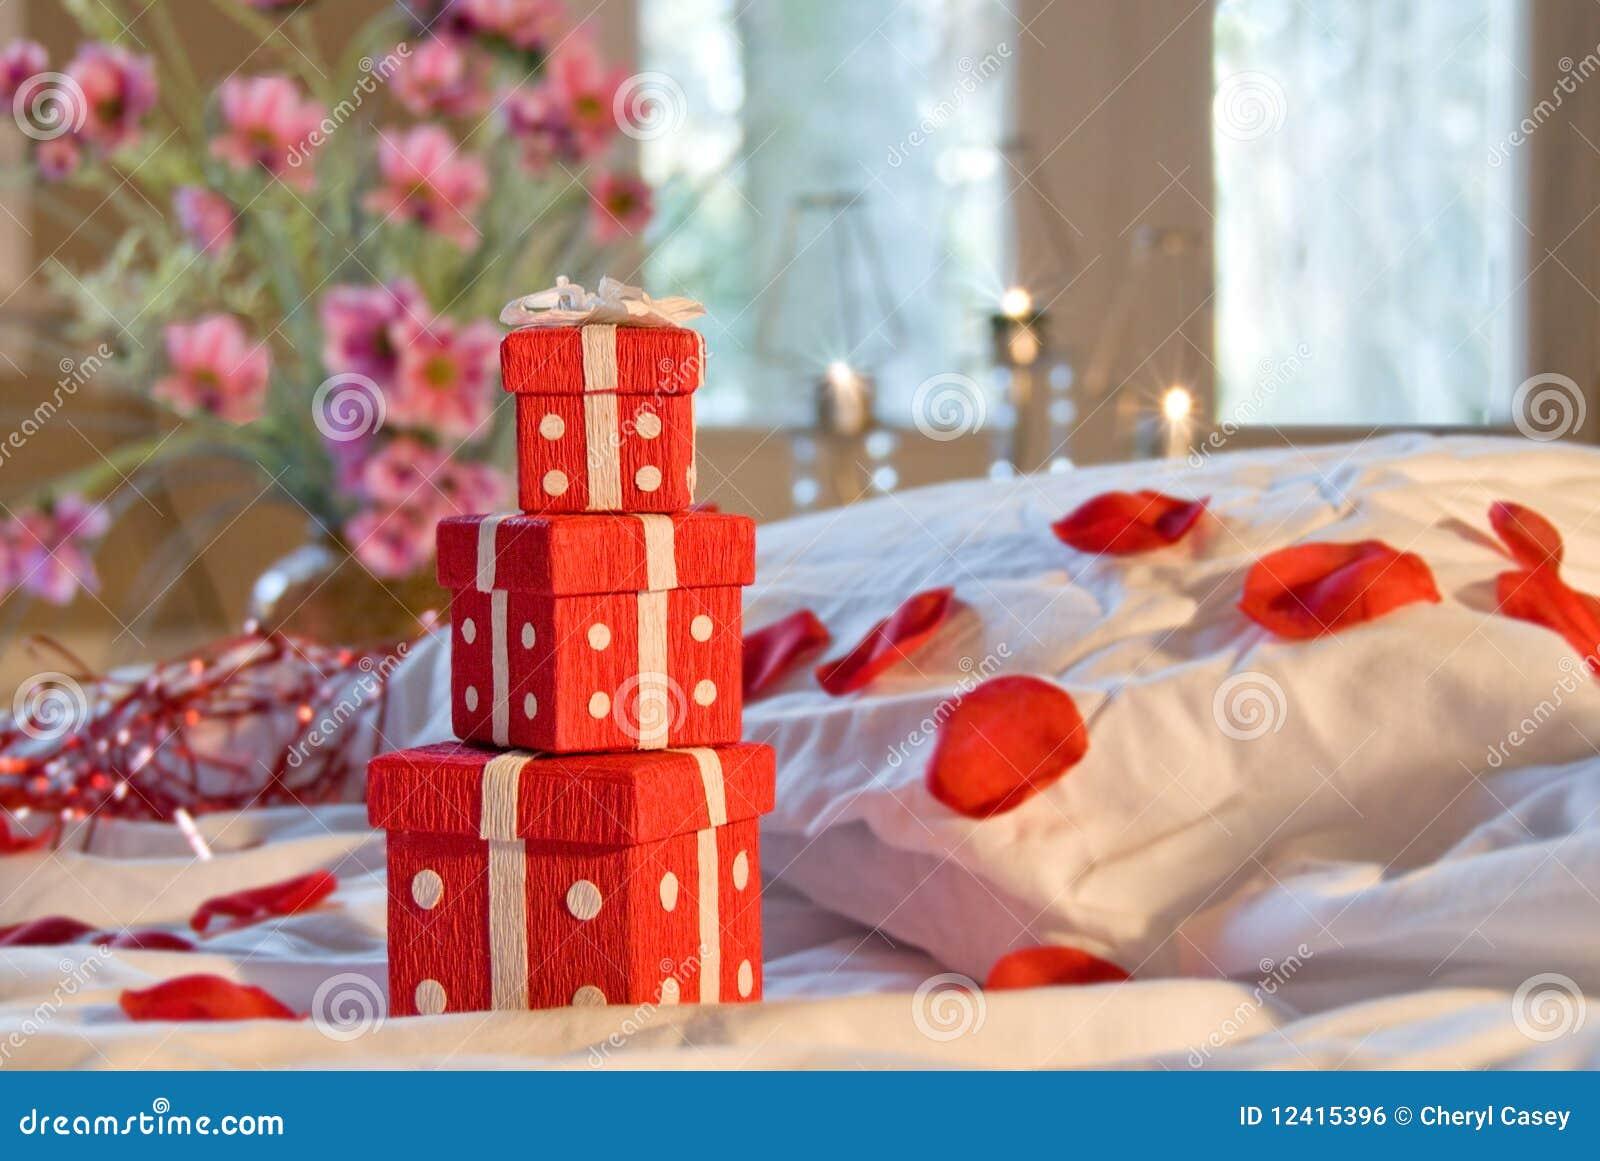 Scene Bedroom Romantic Scene In Bedroom Stock Photo Image 41037179